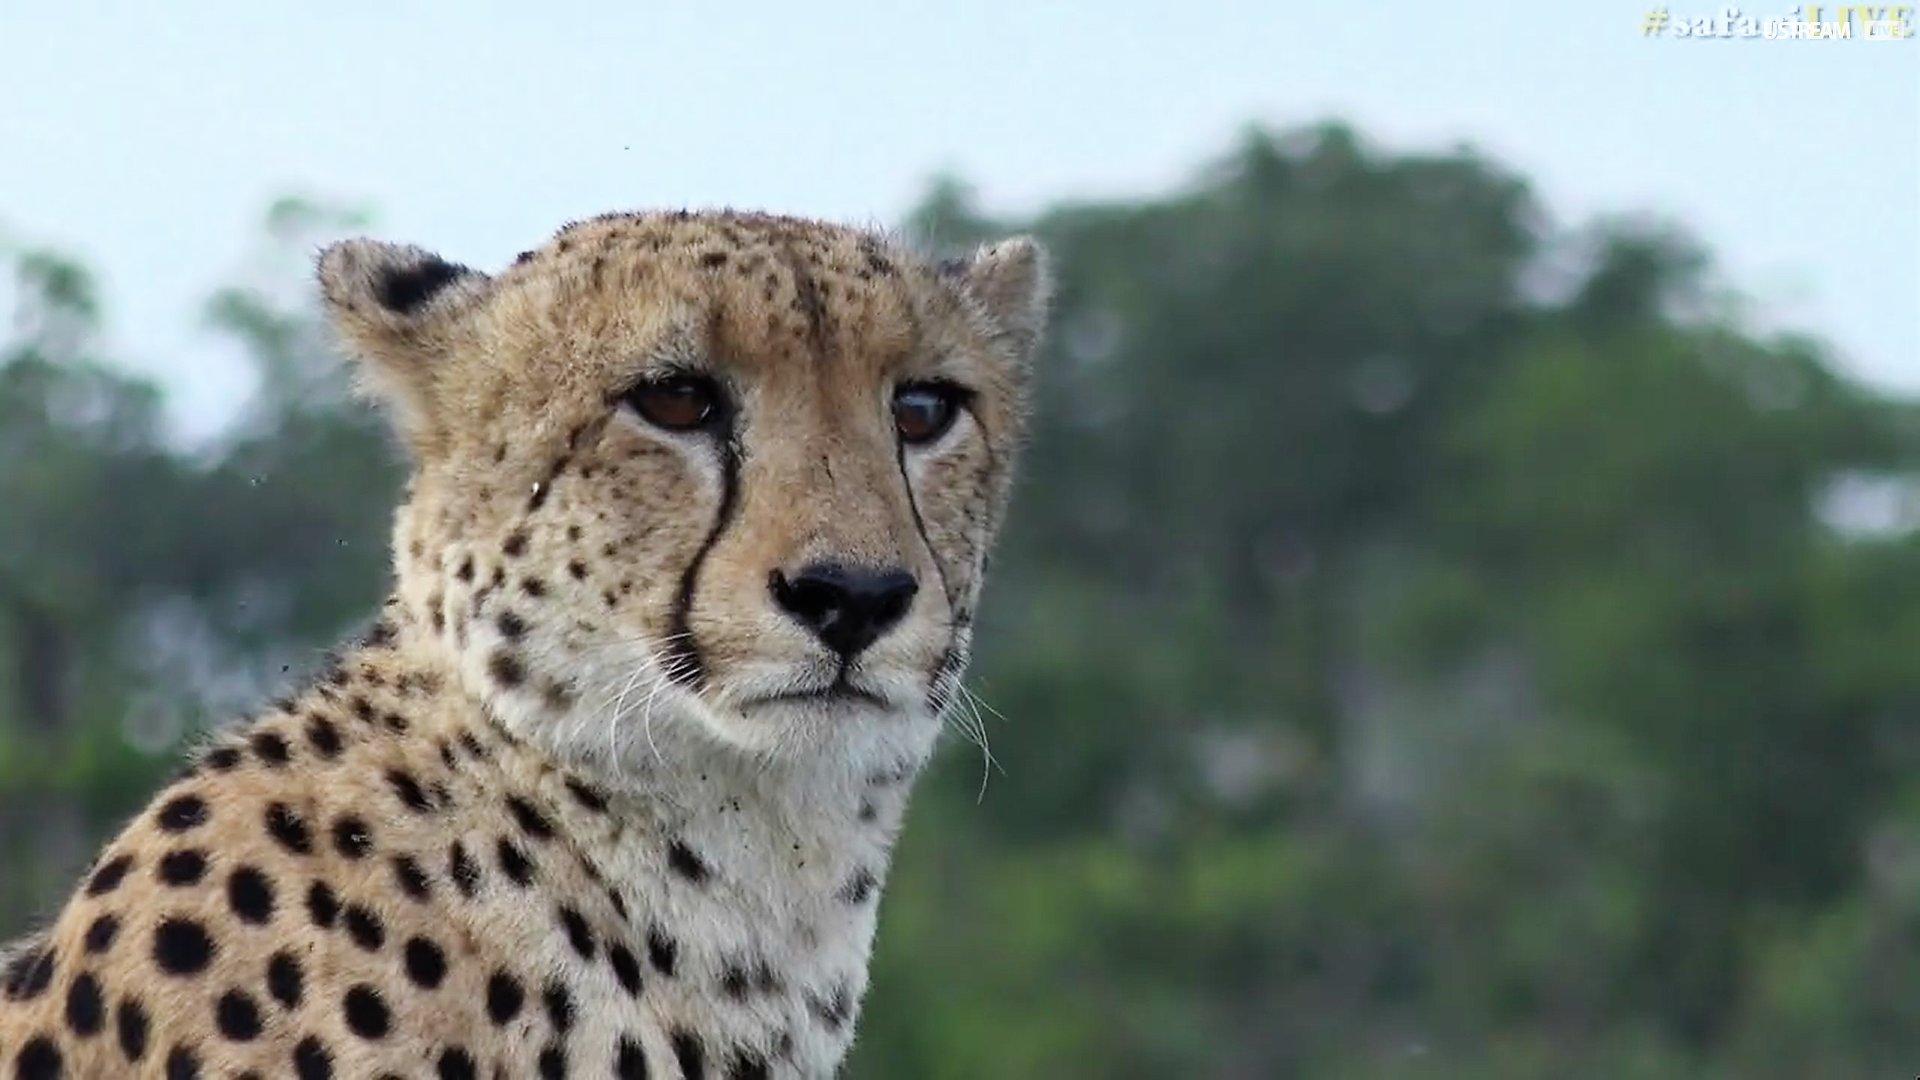 2-15-17 NG tp at maryann944 cheetah bro.jpg